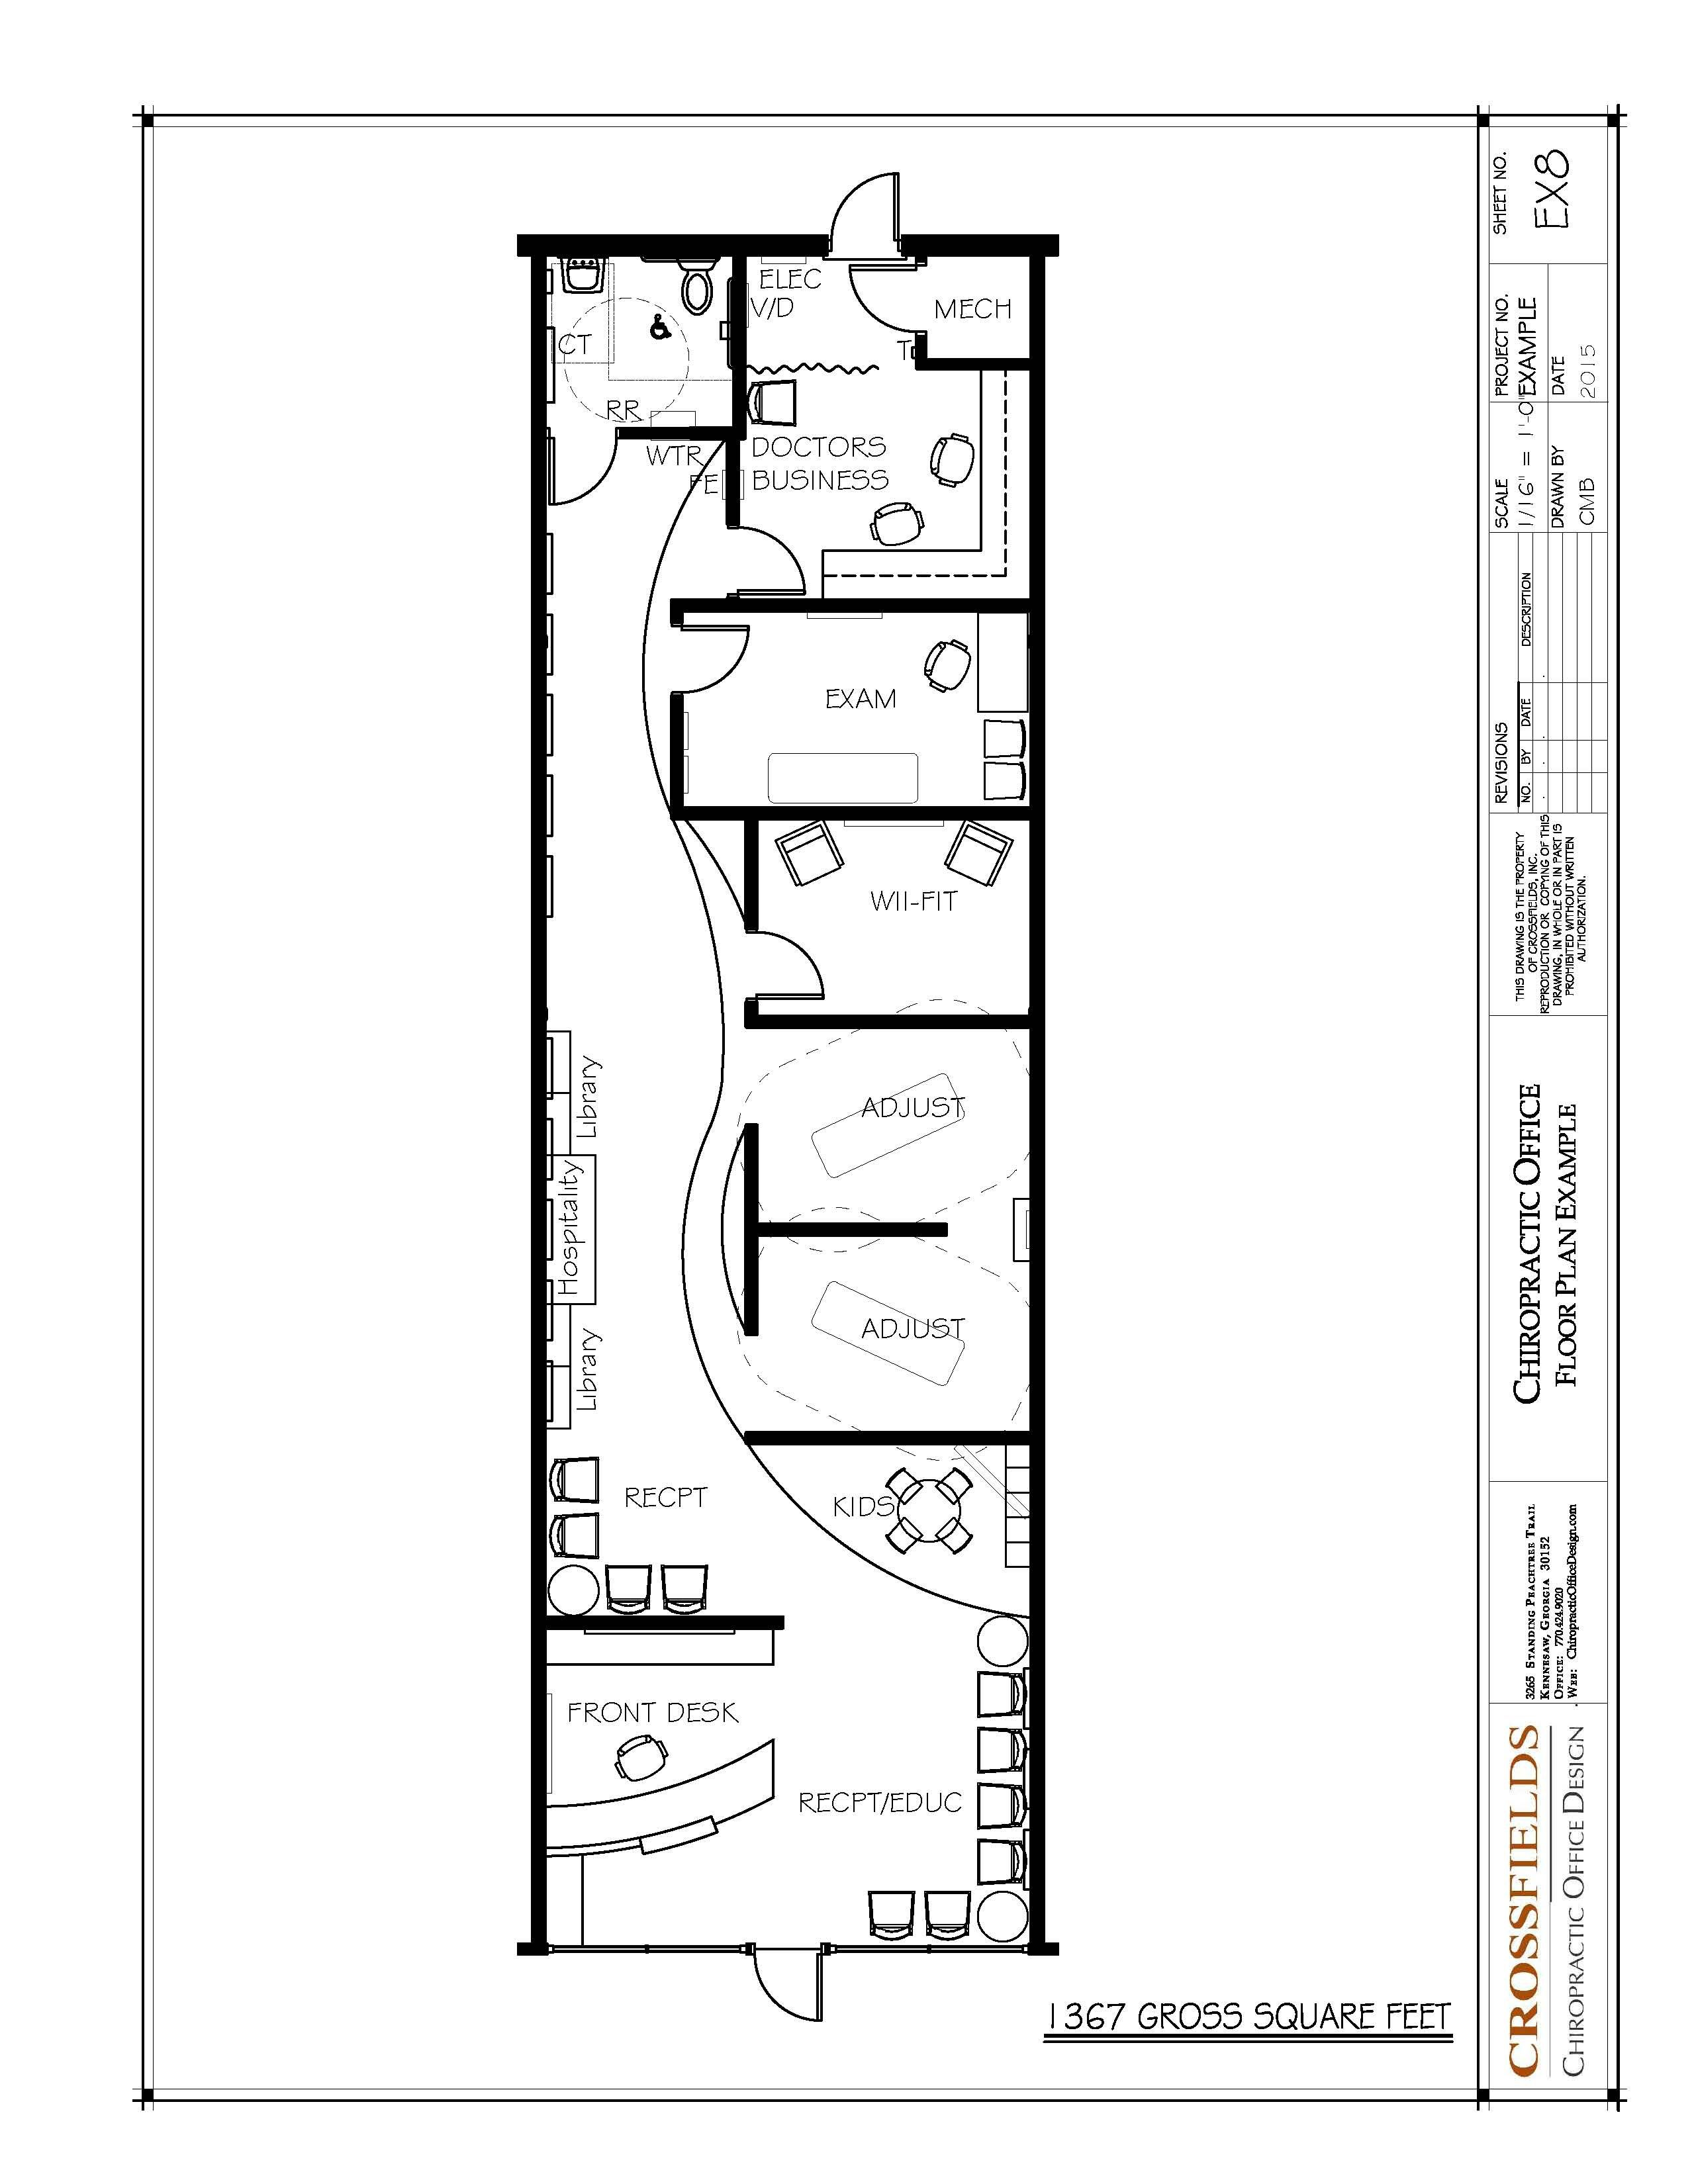 Chiropractic Floor Plan Semi Open Adjusting Retail Start Up Space 1367  Gross Sq.